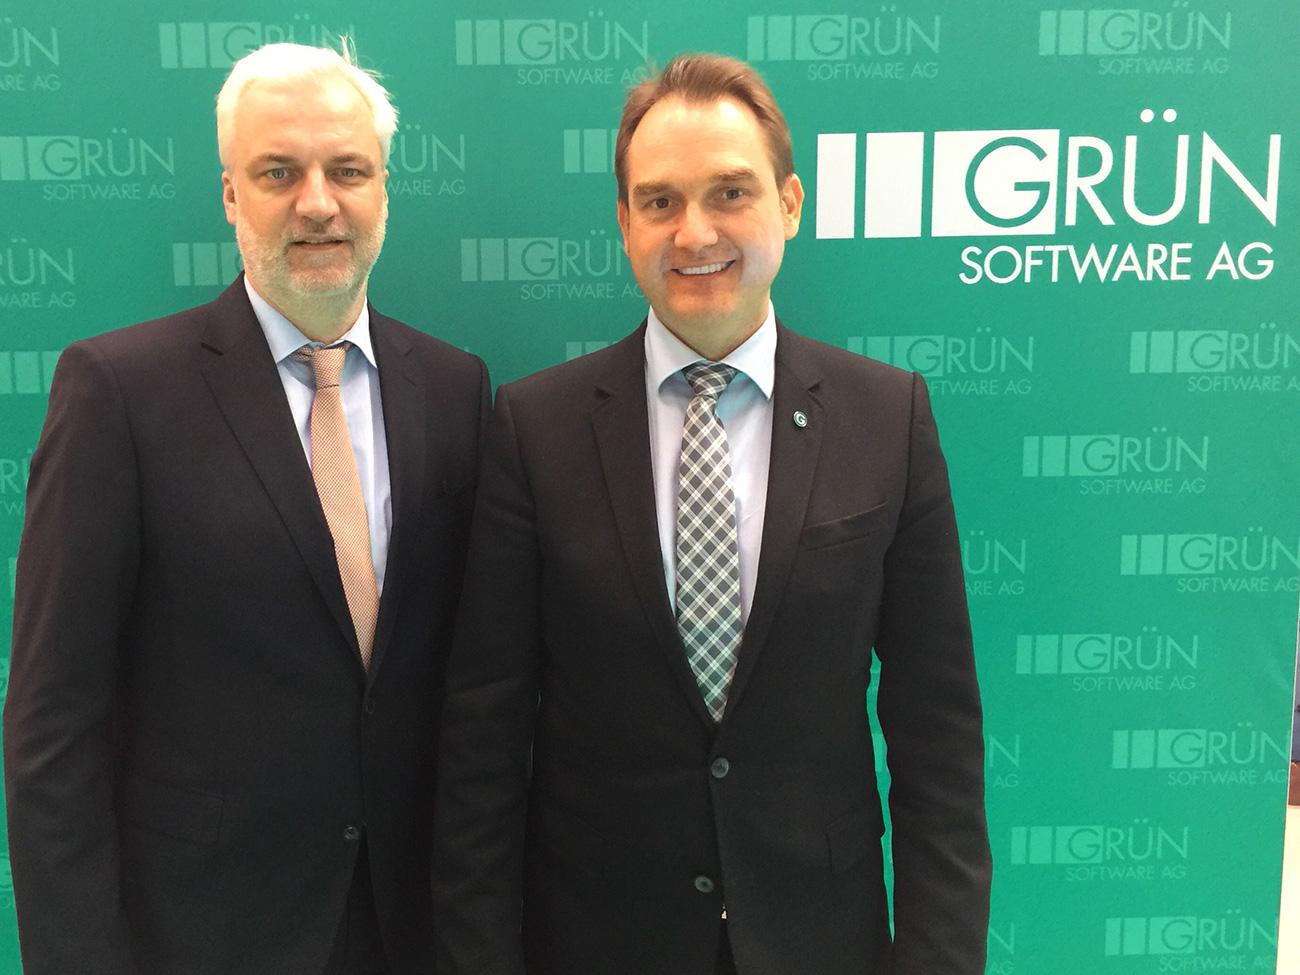 NRW Wirtschaftsminister Garrelt Duin (links) und Dr. Oliver Grün.